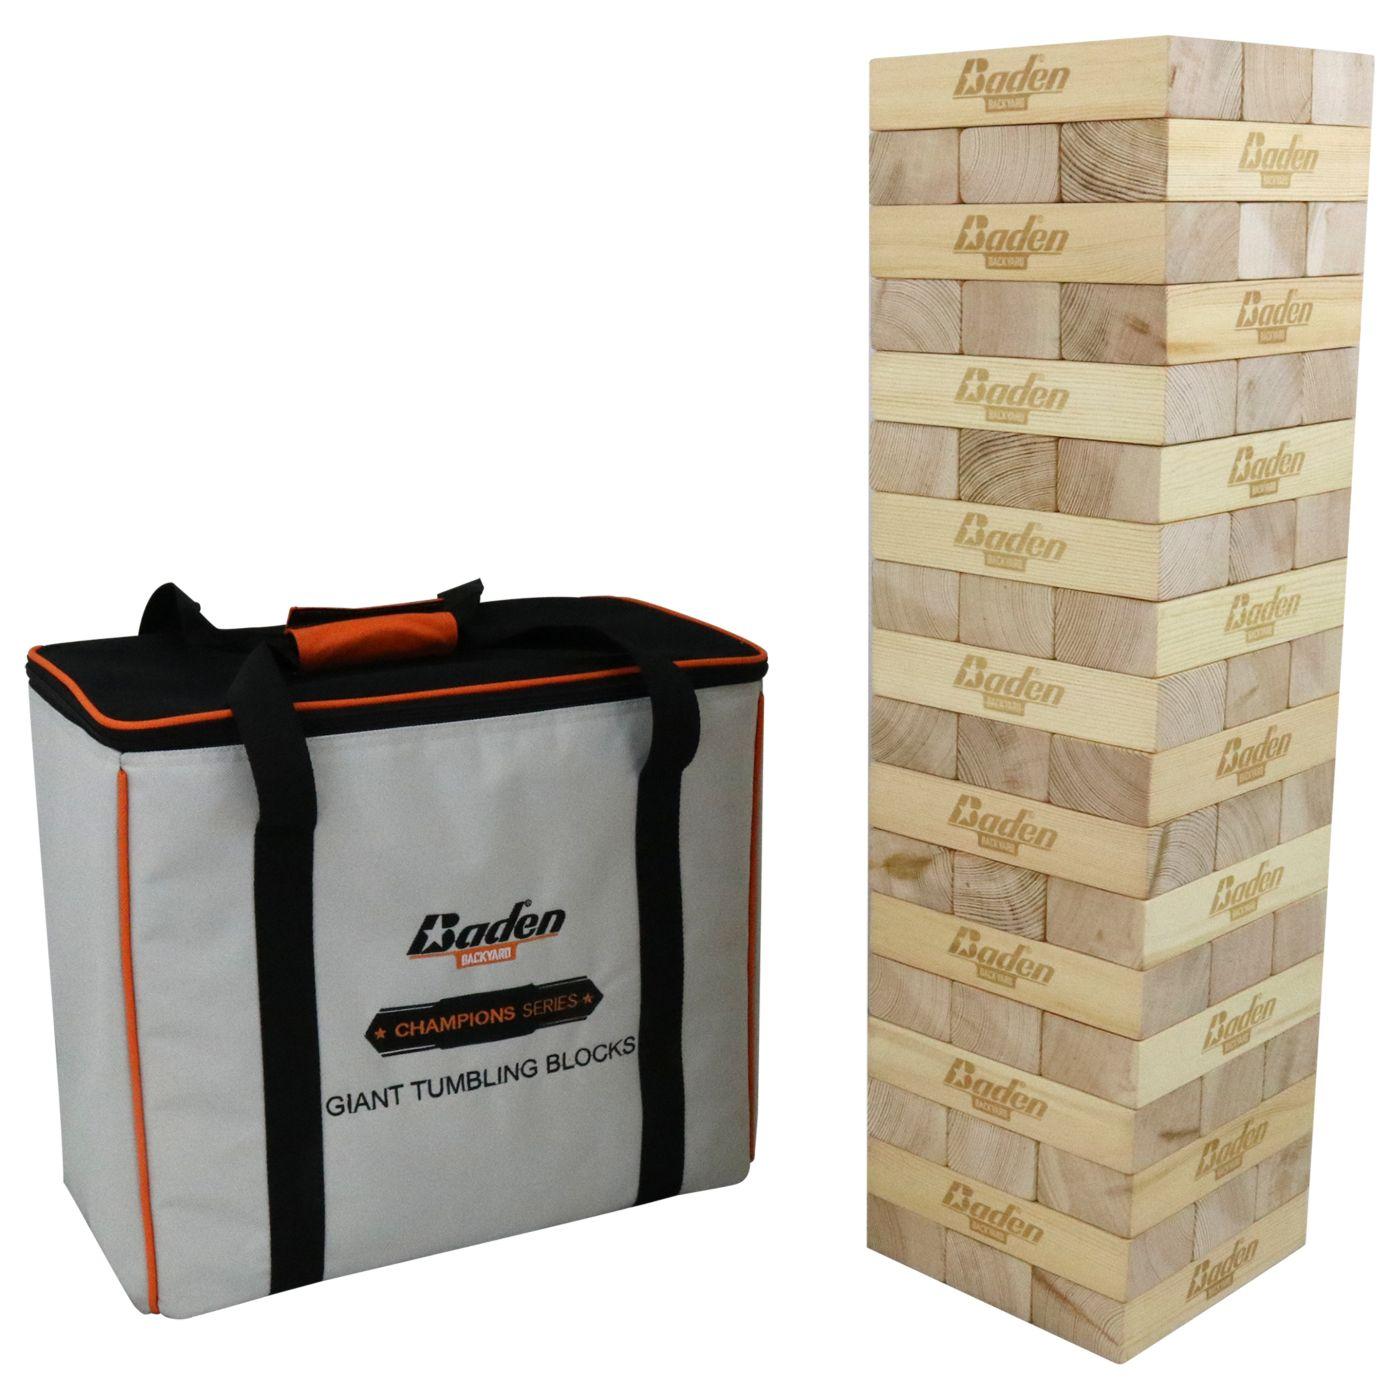 Baden Giant Tumbling Blocks Set